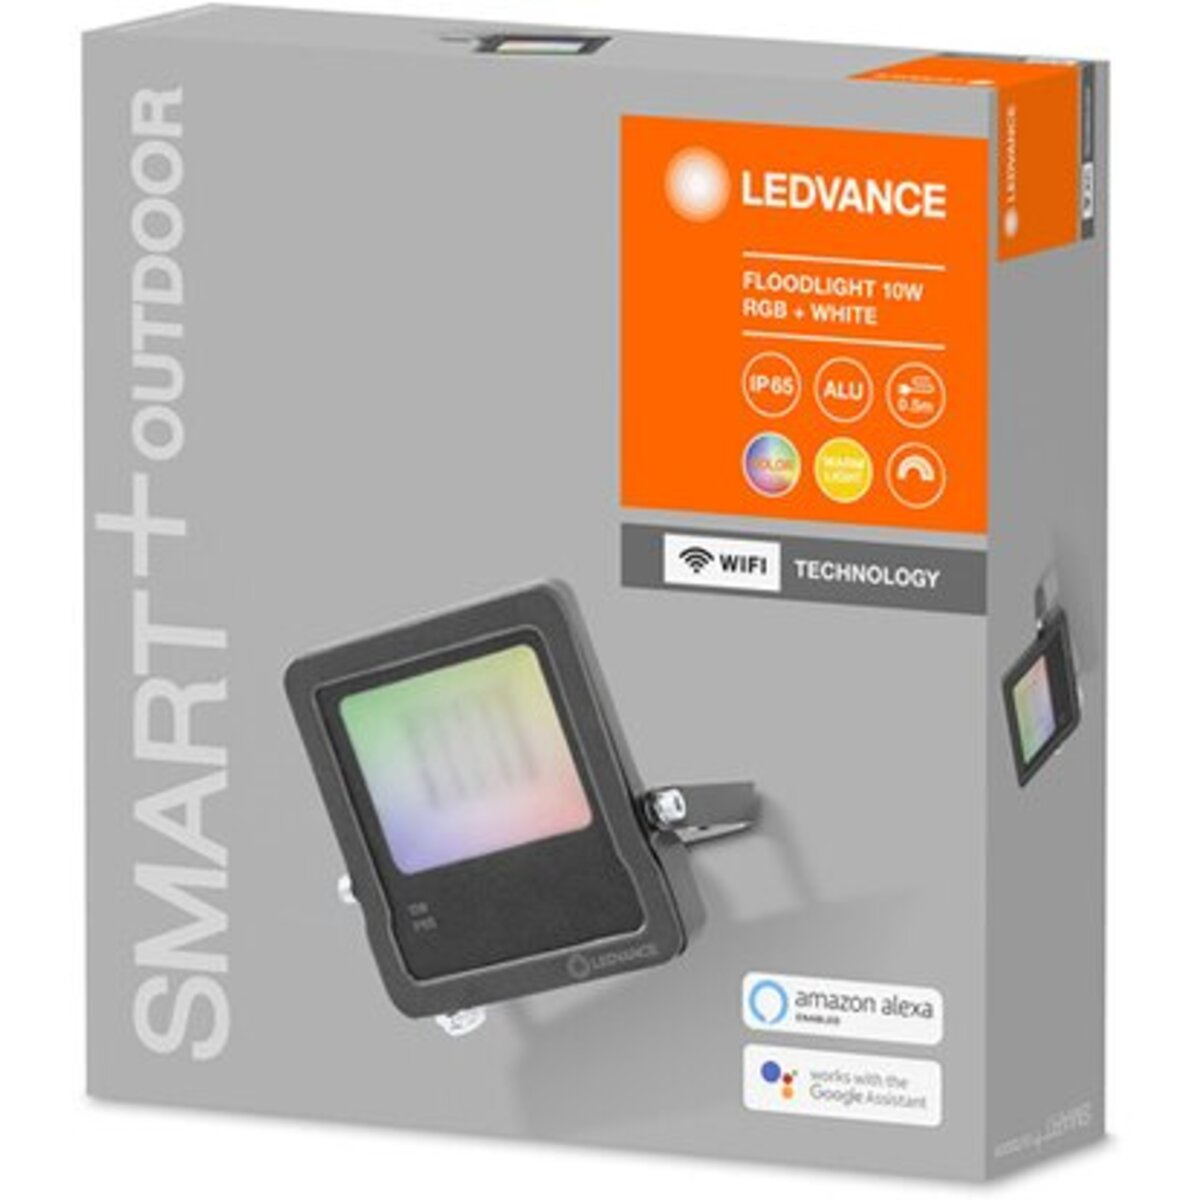 Bild 2 von Ledvance Smart+ WiFi LED-Fluter 10W Farbwechsel 16 Mio. Farben